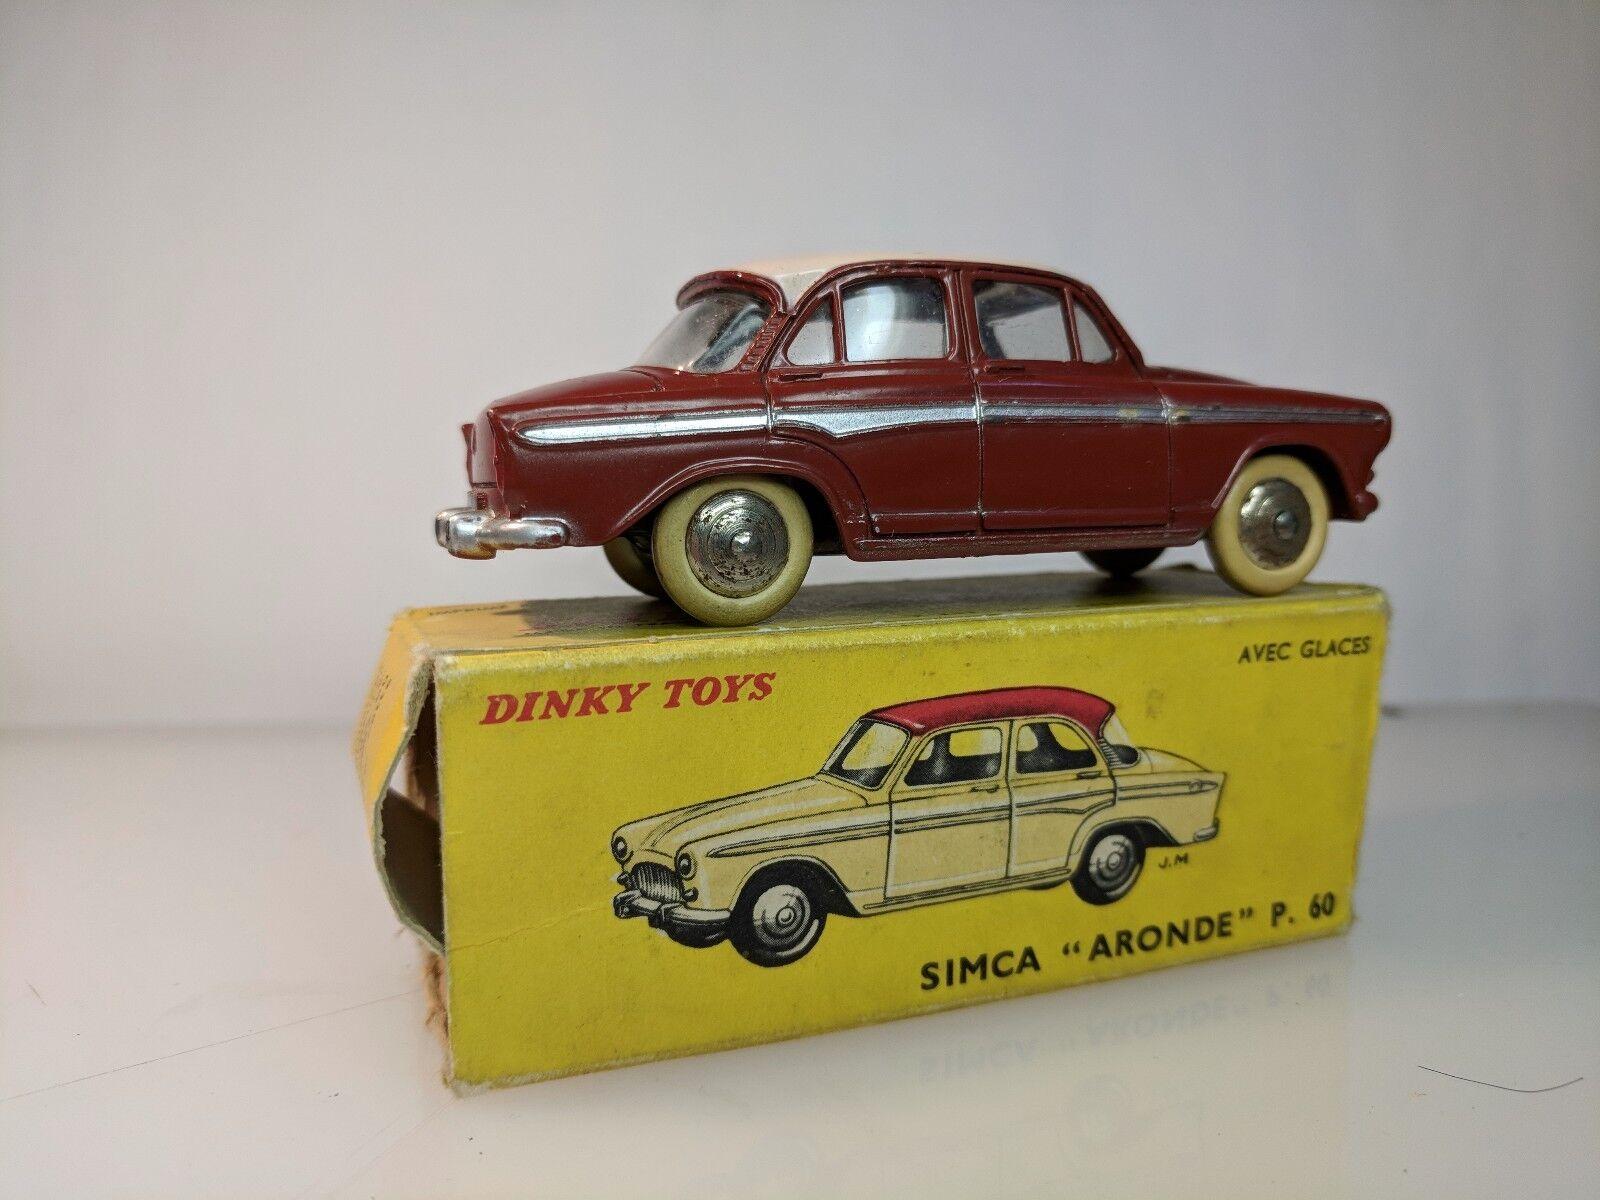 Französische dinky spielzeug - 544 simca aronde s.60 original box